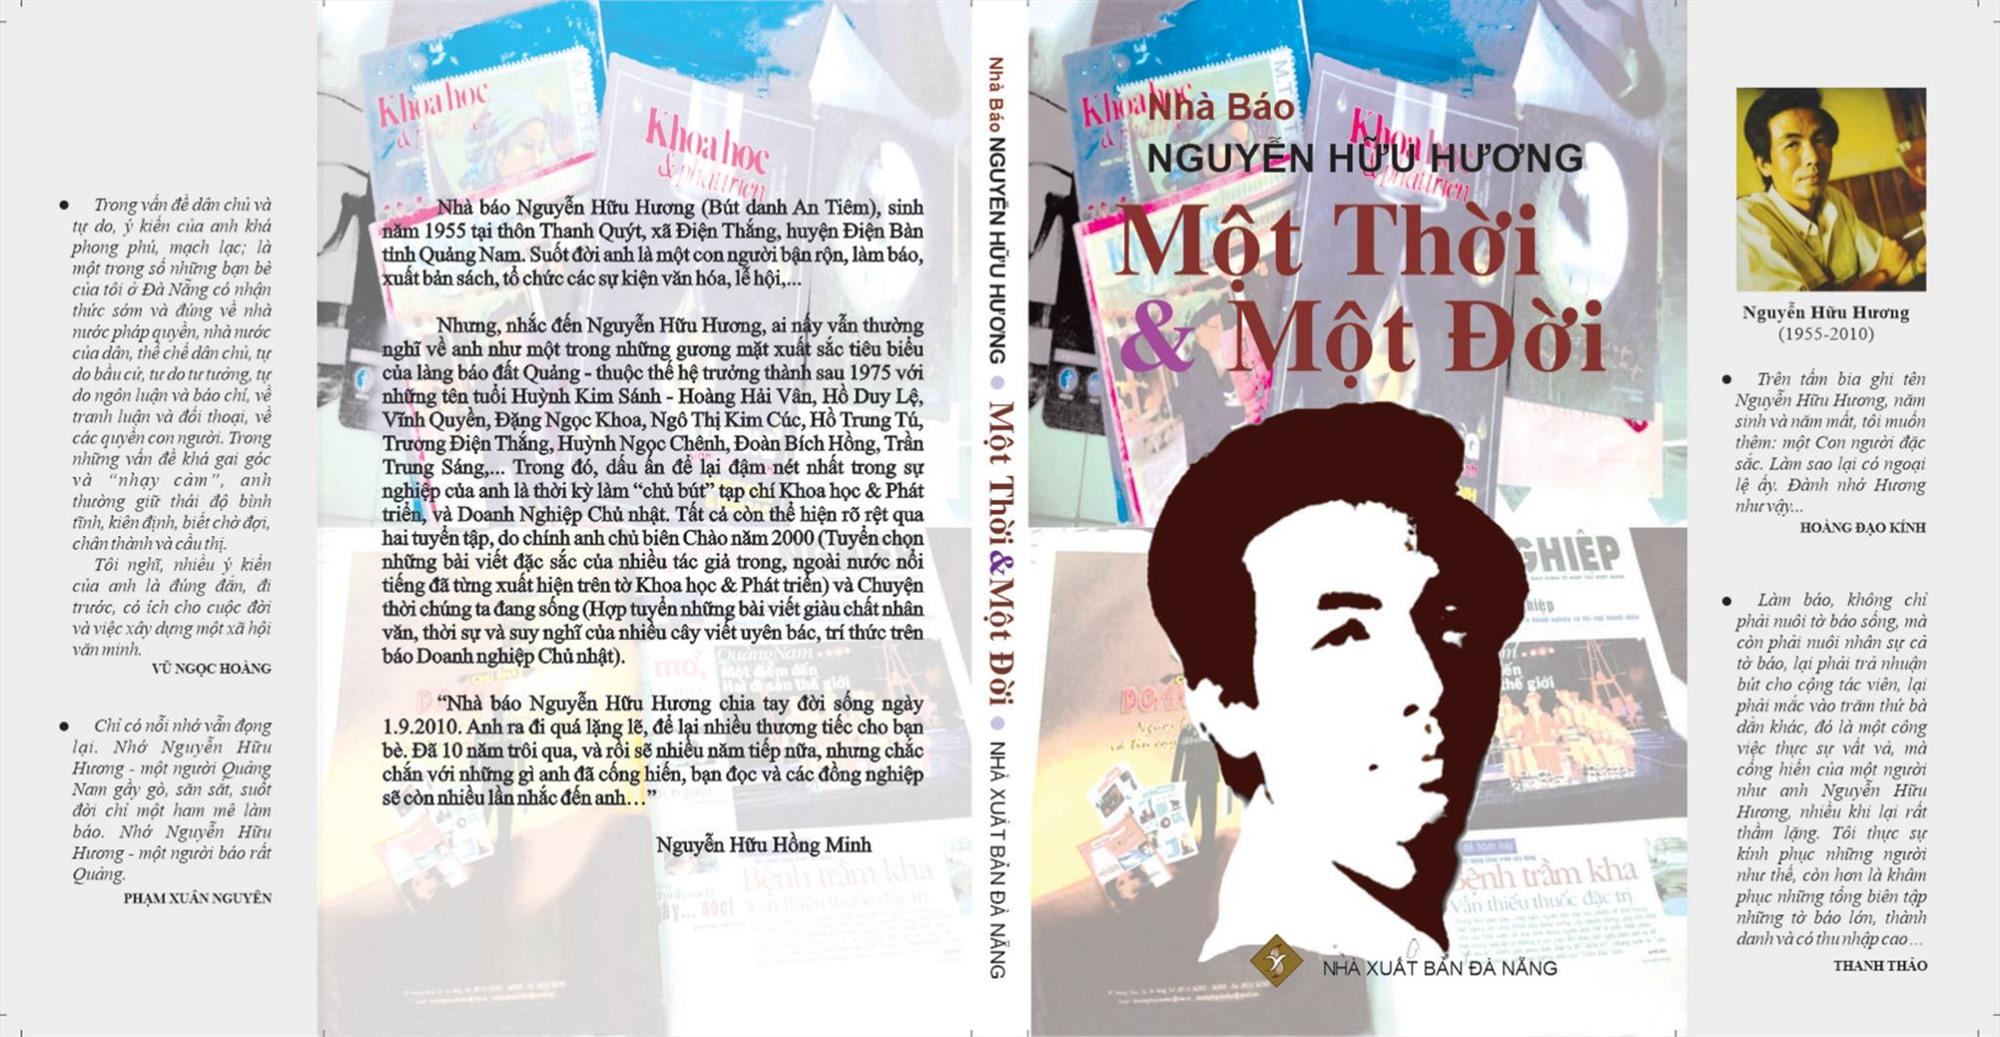 """Tập sách """"Nhà báo Nguyễn Hữu Hương - Một thời và một đời""""."""